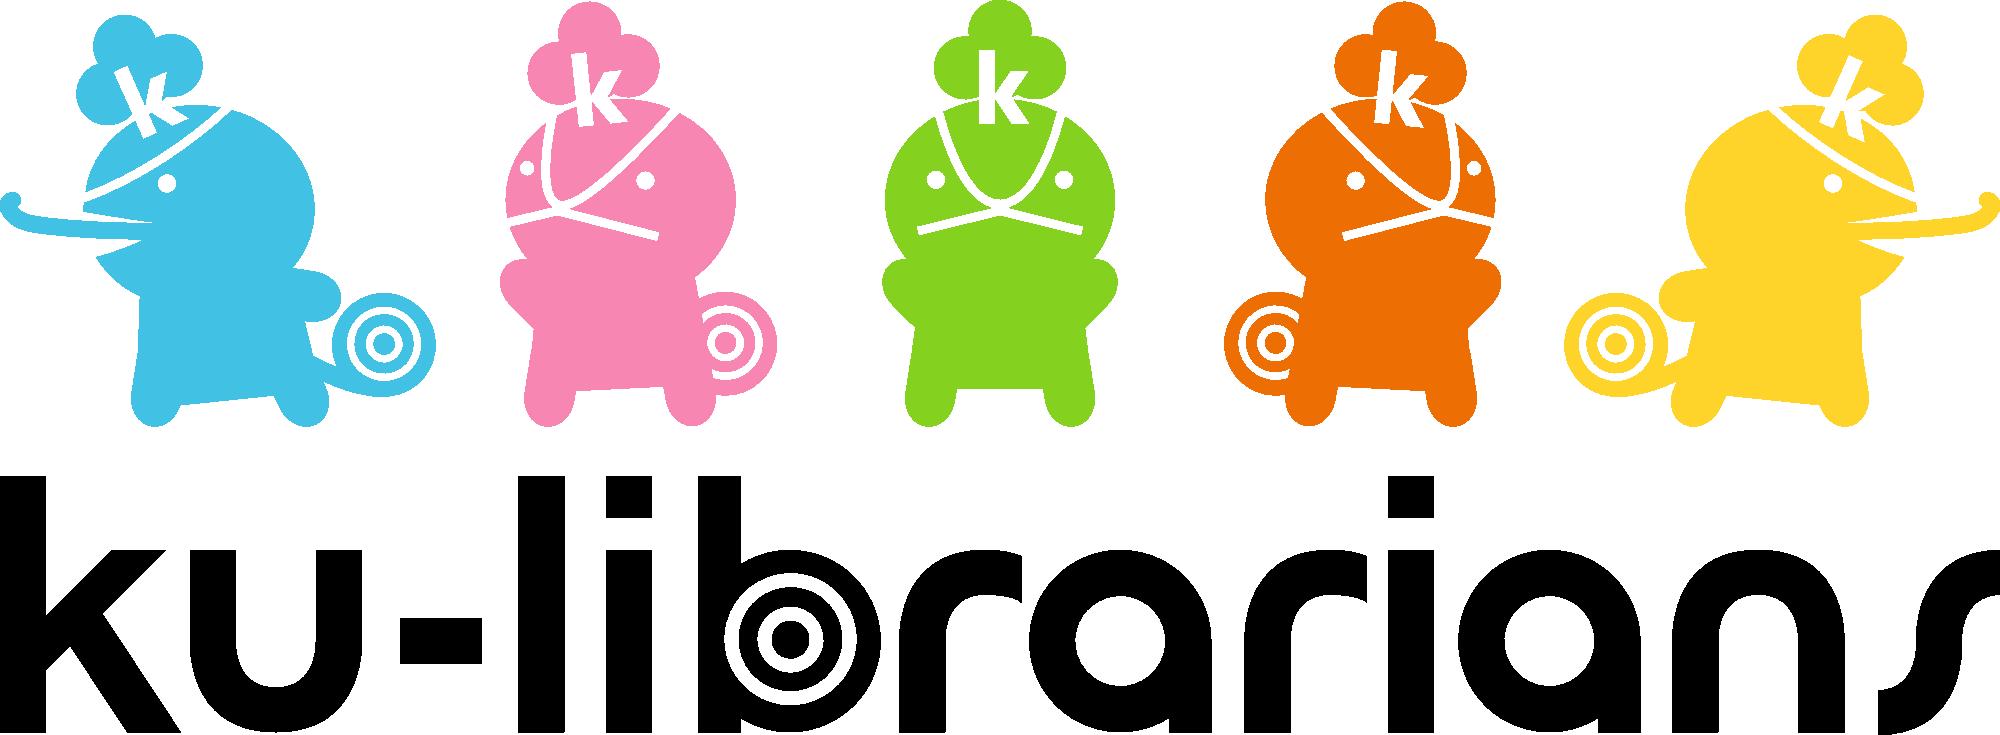 kulibrarians logo